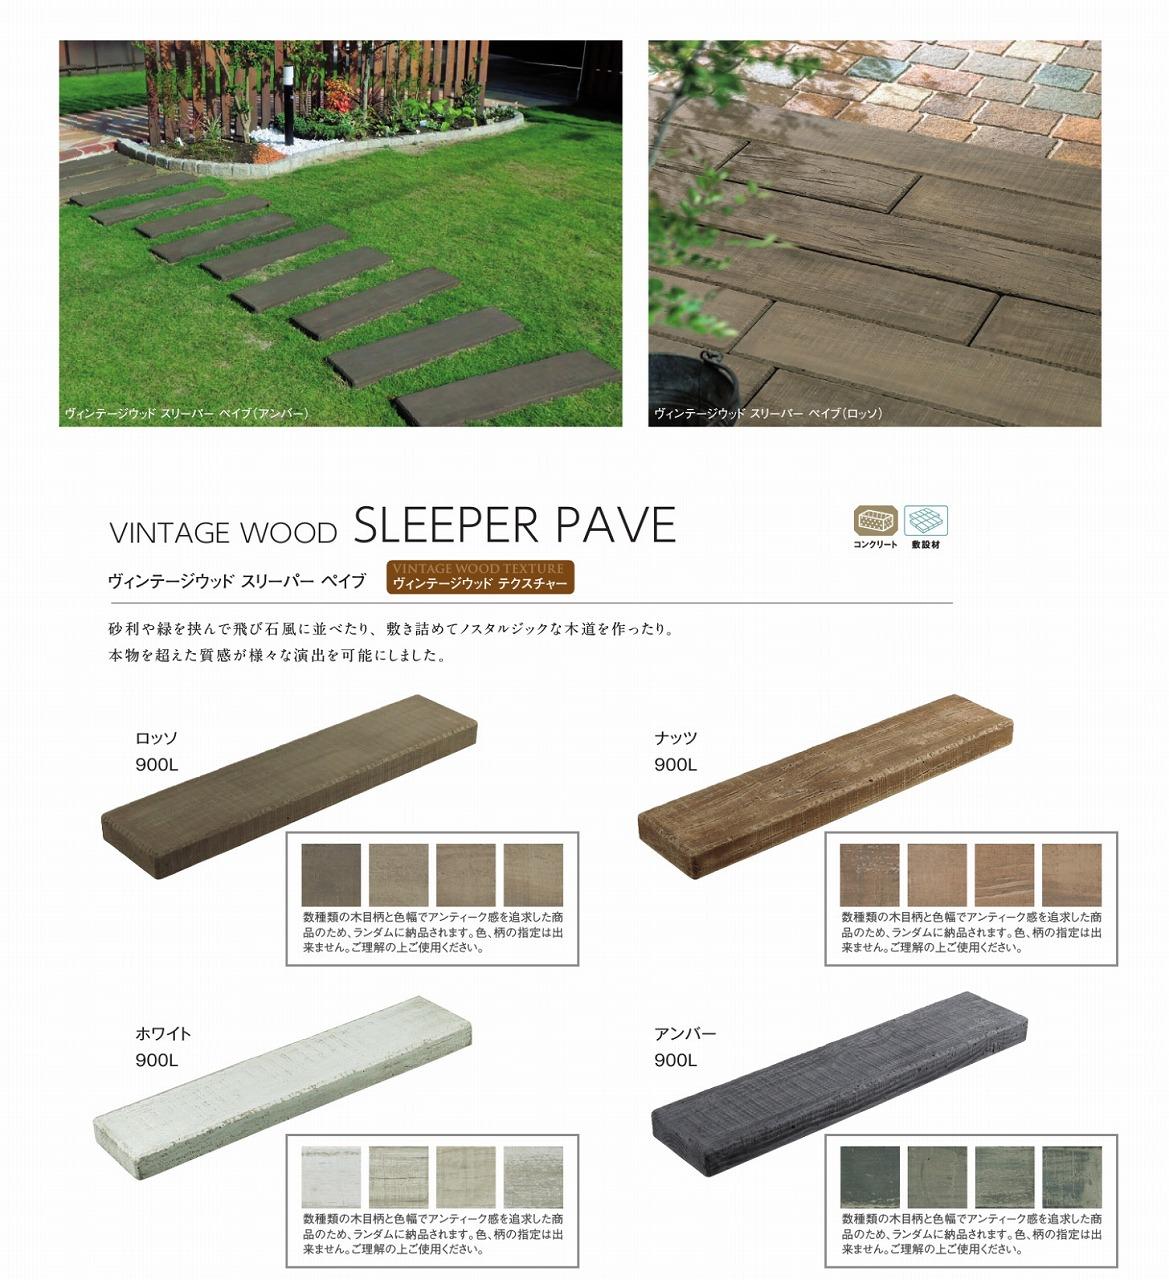 東洋工業 コンクリート枕木2